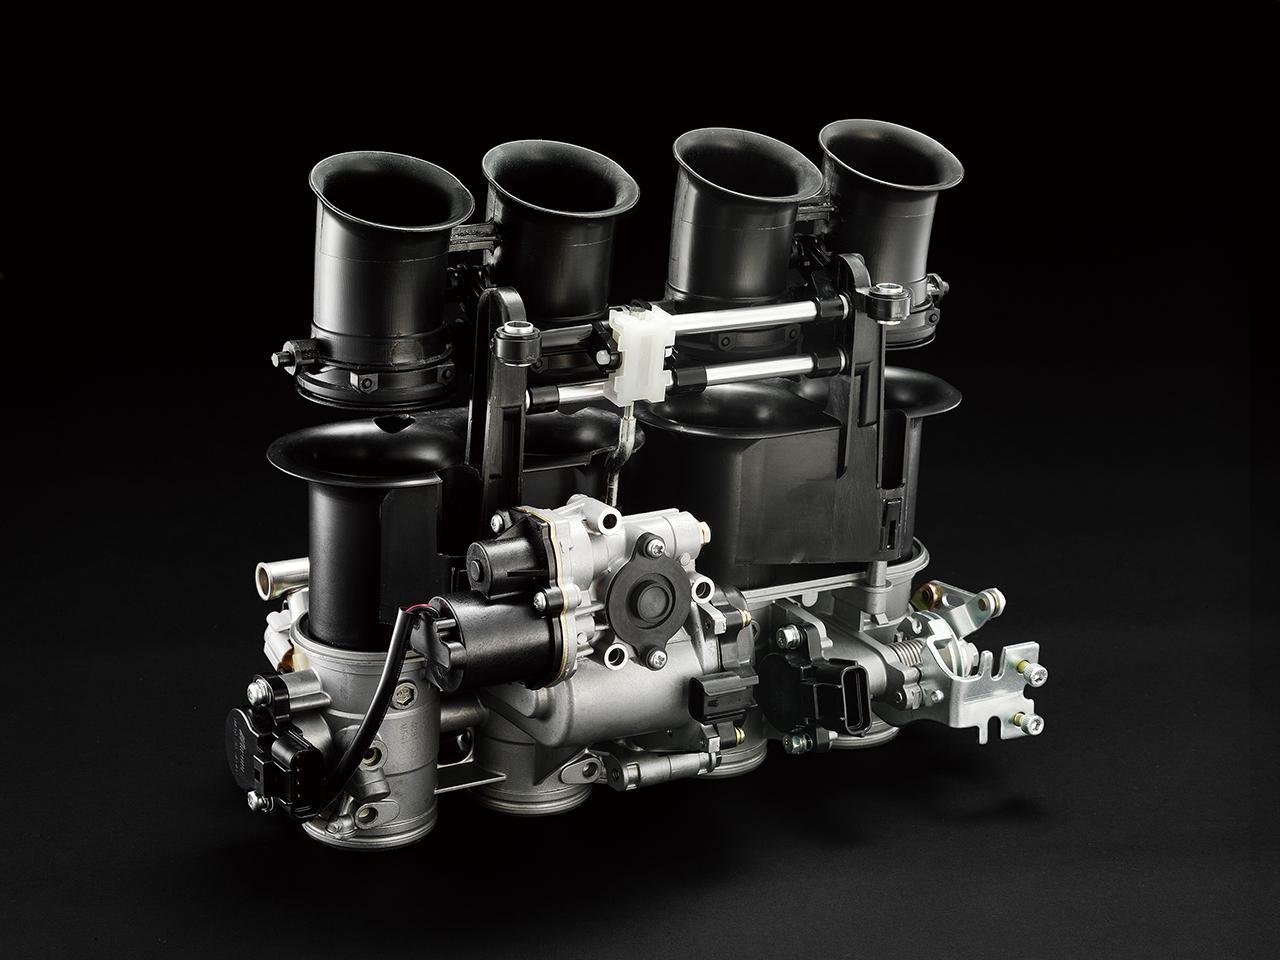 画像: 可変スロットルの電子制御インテーク(YCC-I)と電子制御スロットル(YCCT)を採用。YCC-Iはエンジン回転数とスロットル開度によってファンネル長を変化させ、YCC-TはECUが最適なスロットル開度を演算し、モーターがバルブを作動させる。